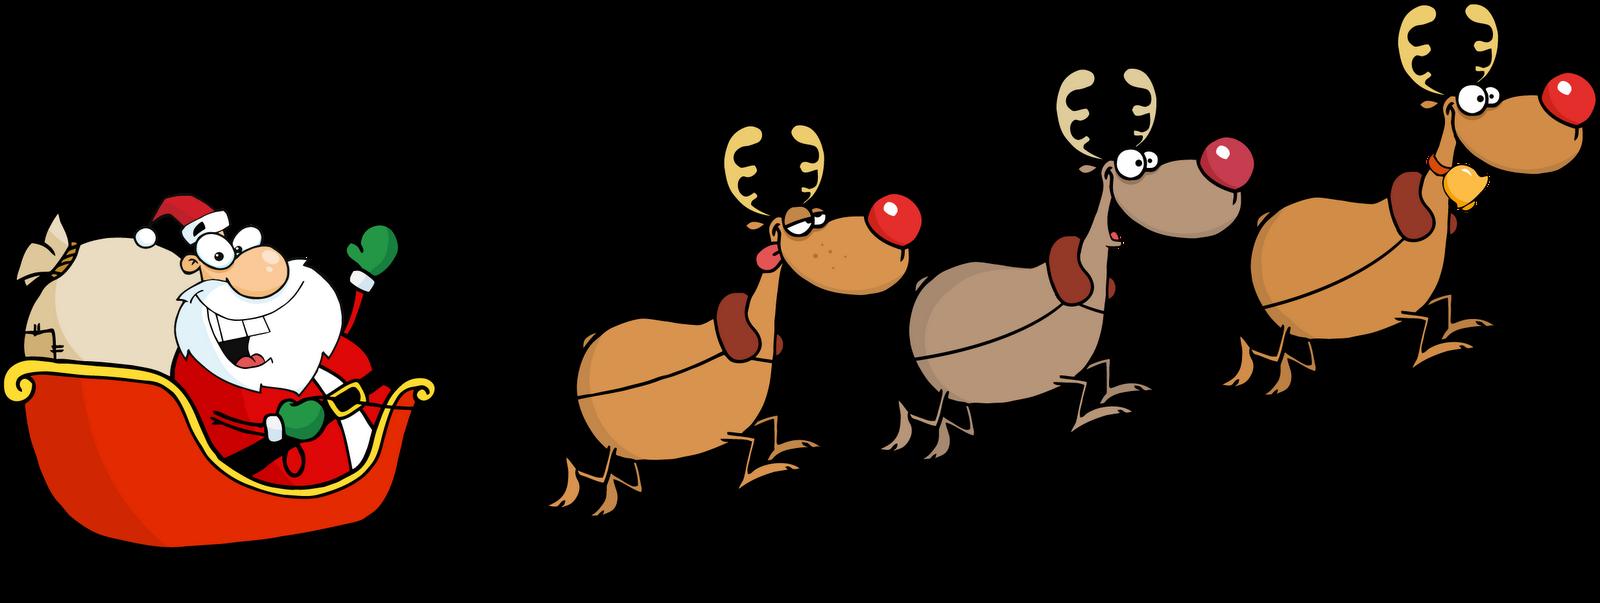 December clipart reindeer food. With santa png reindeerwithsantapng